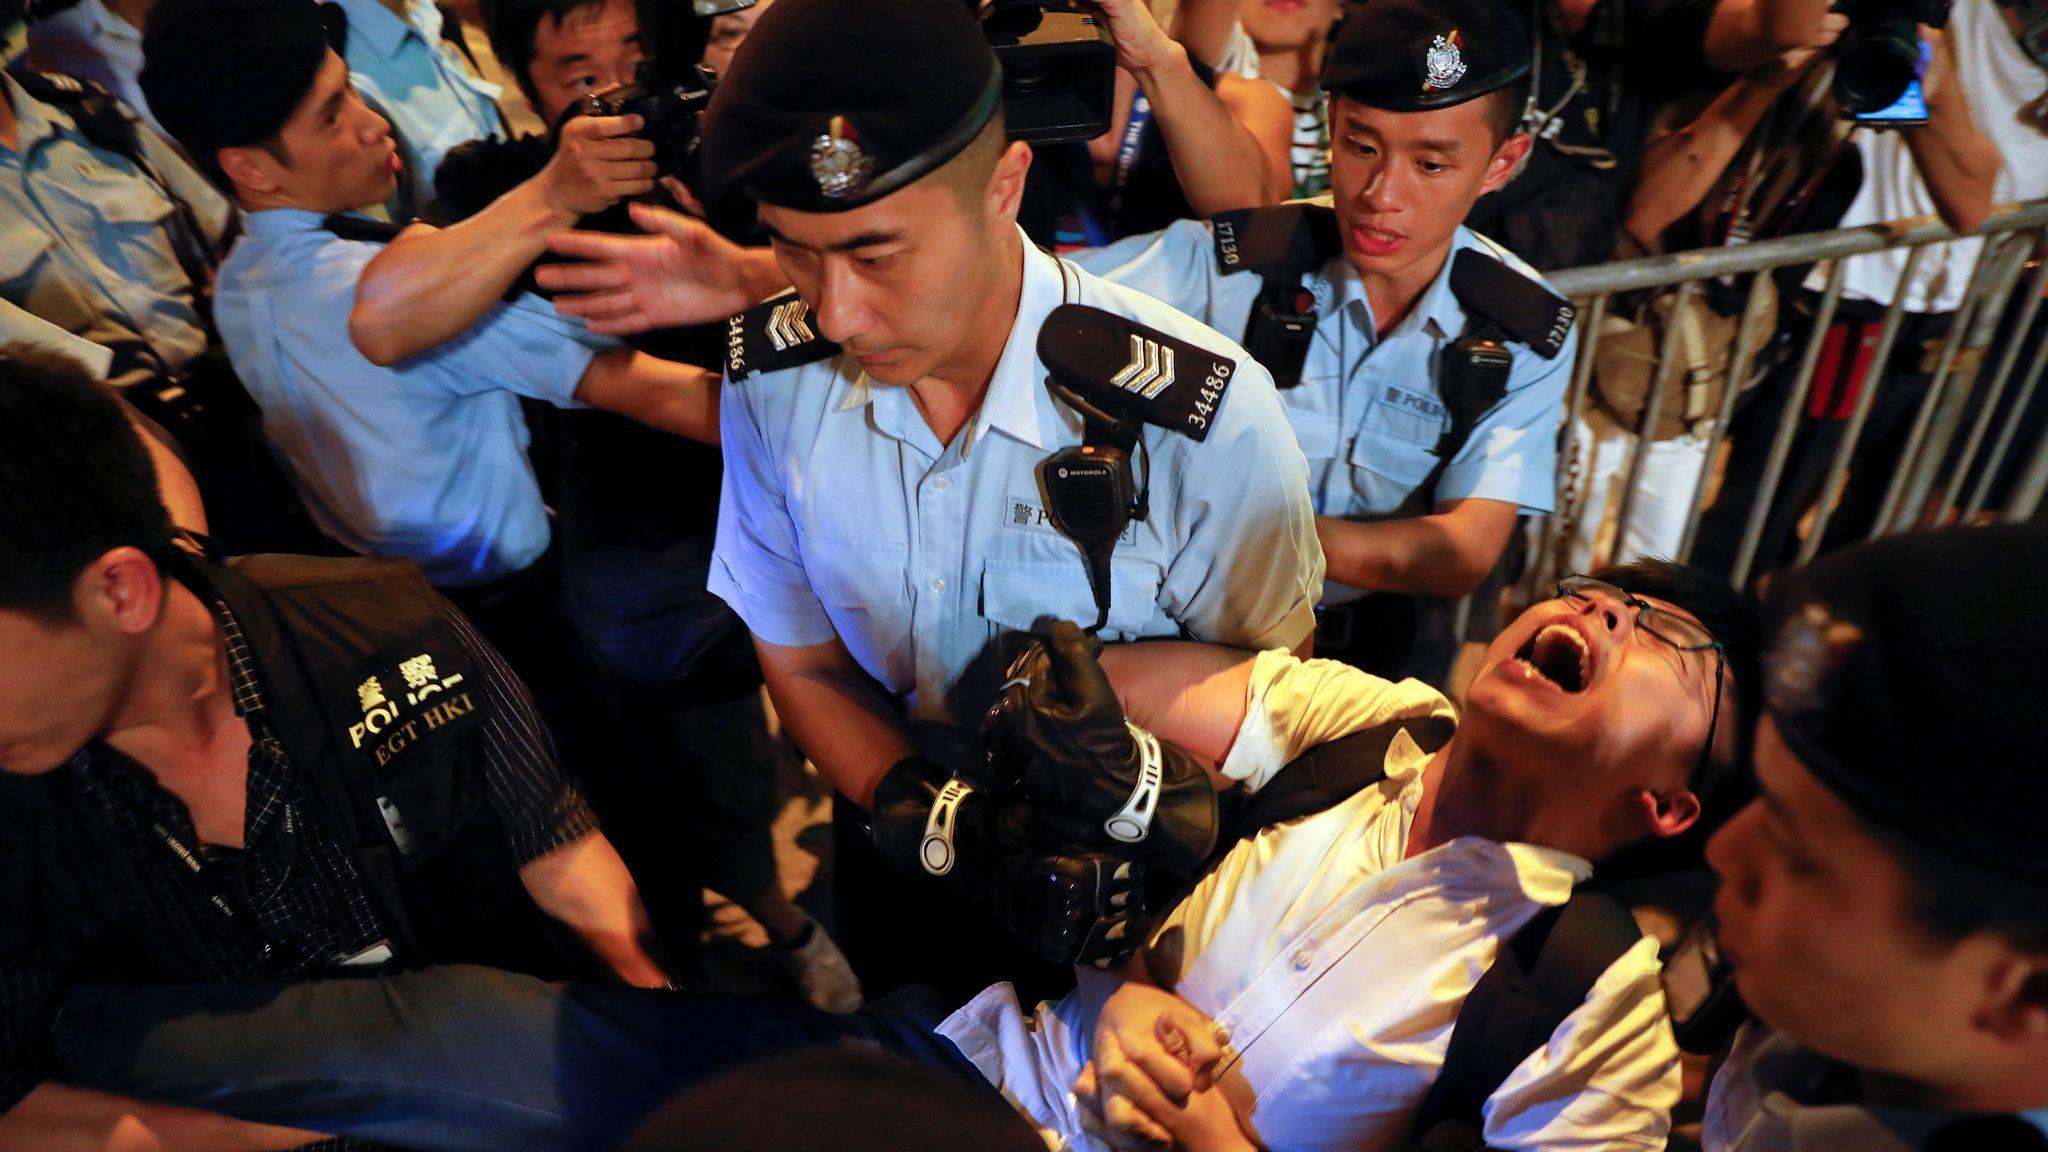 Seven Hong Kong Policemen Jailed for Assaulting Activist